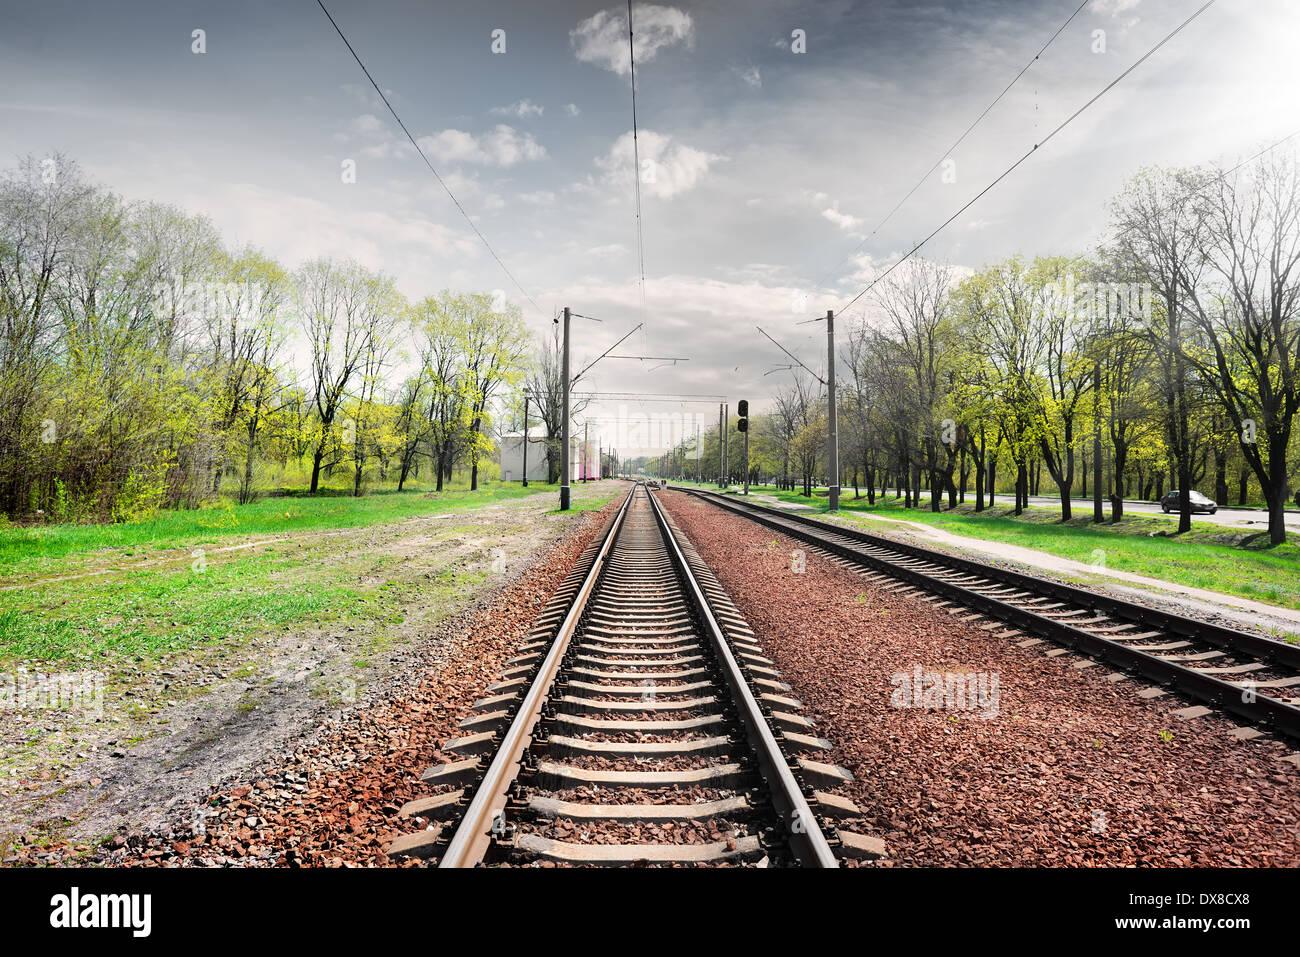 Ciel nuageux gris sur railroad au printemps Photo Stock